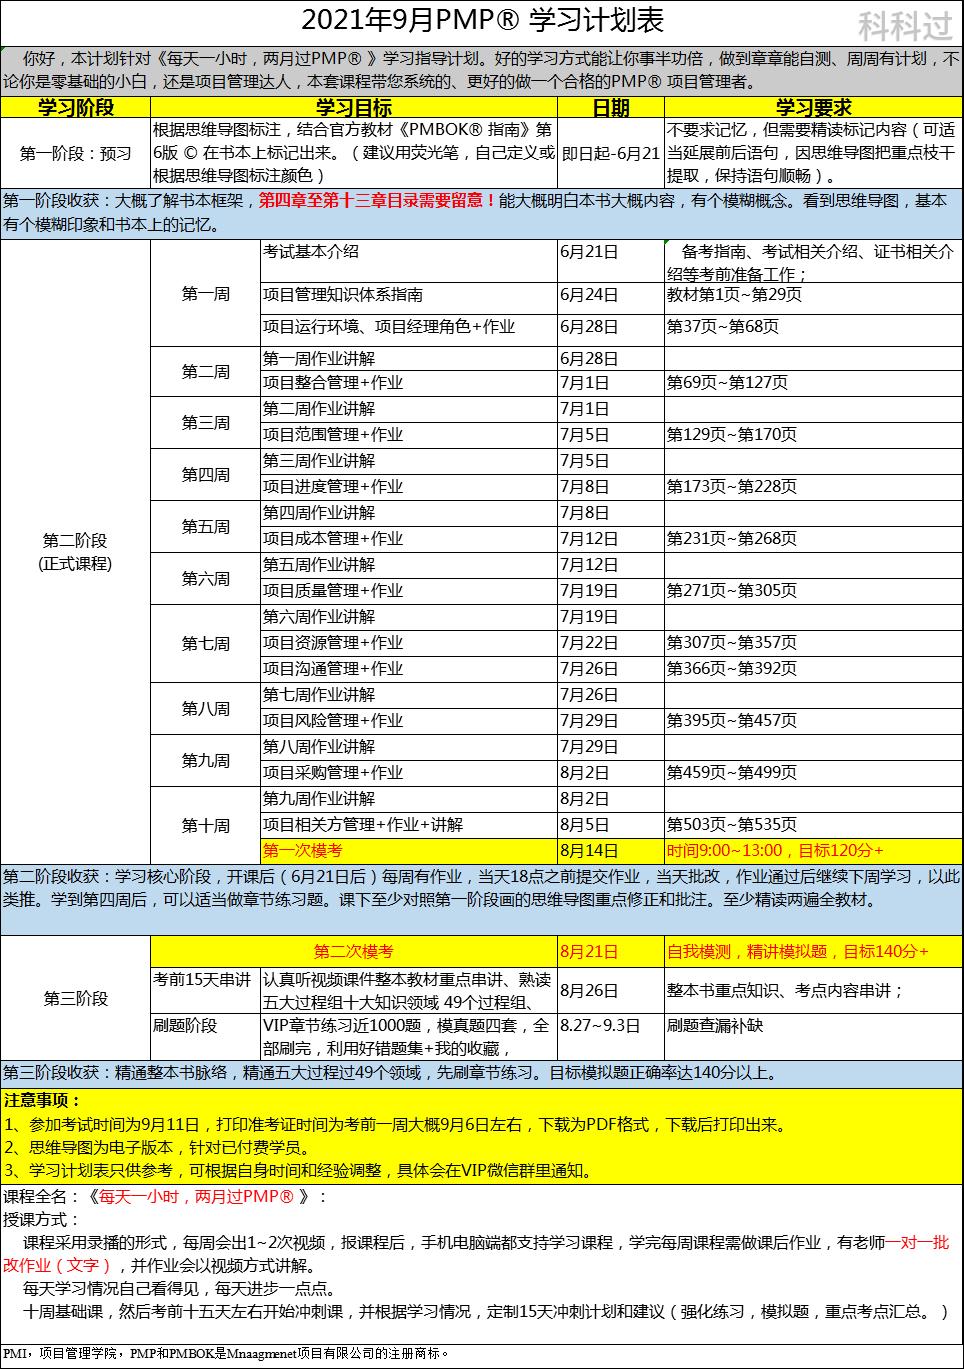 21年9月学习计划表